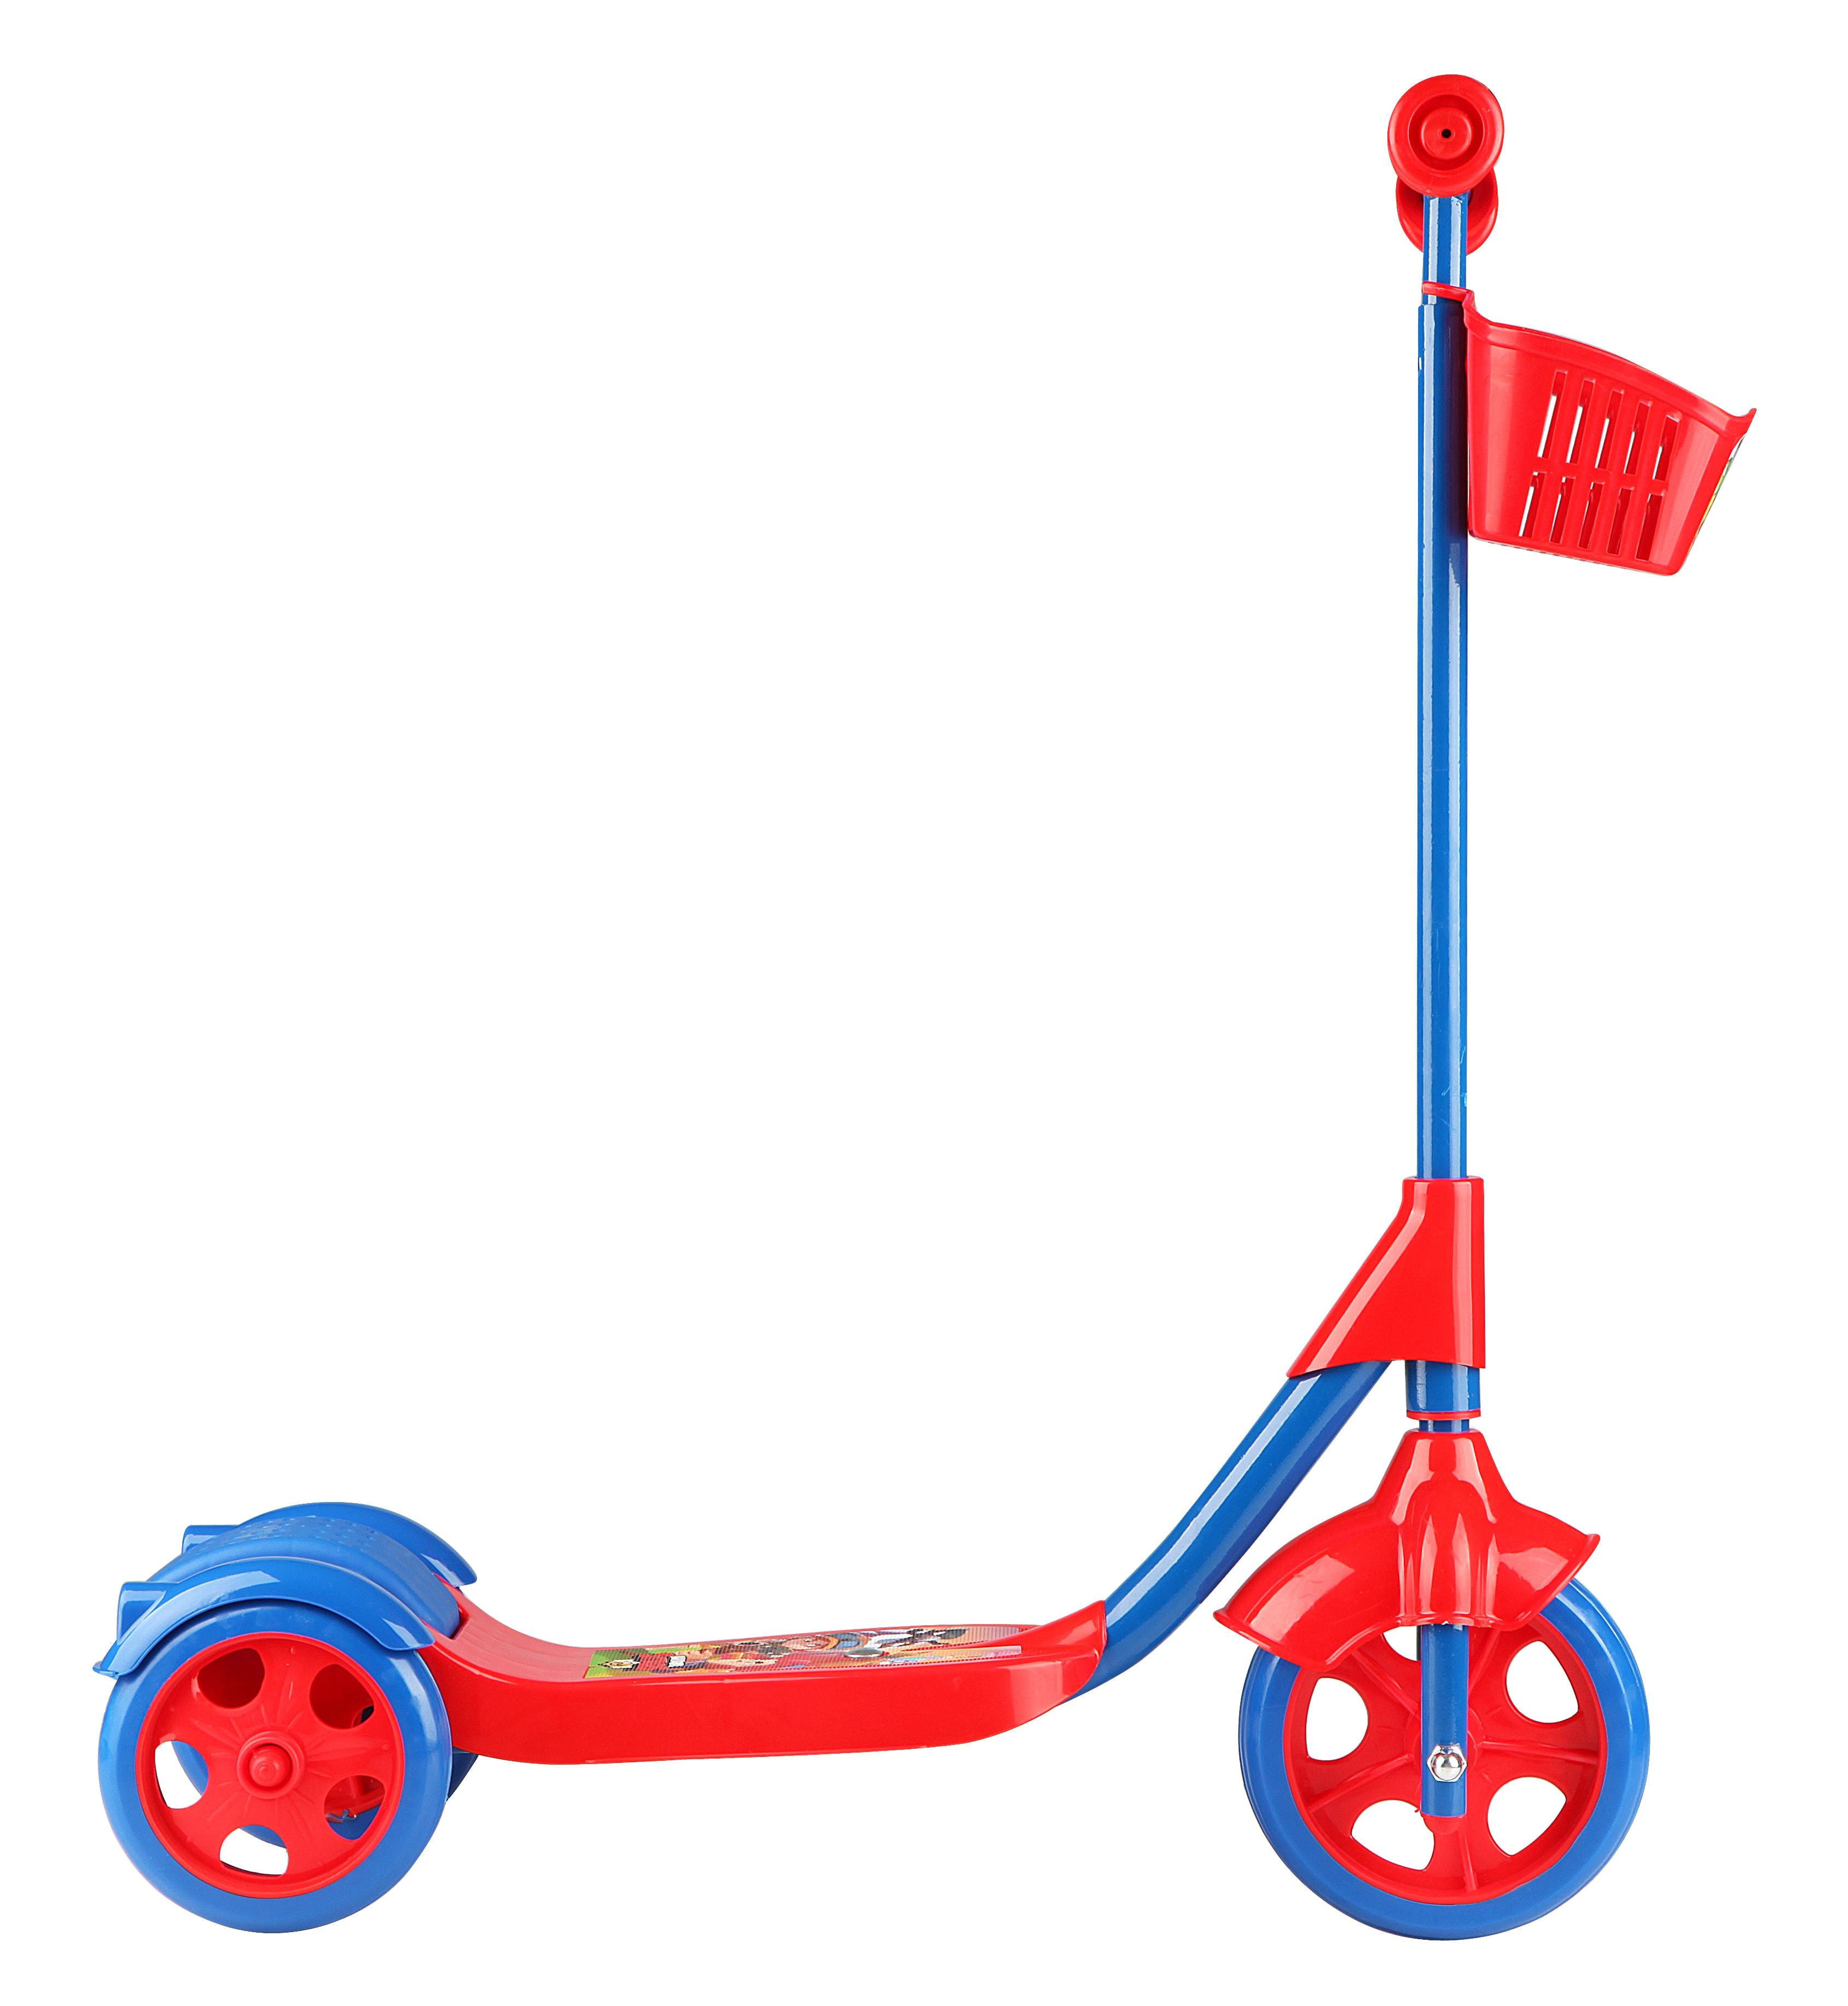 Παιδικό Τρίκυκλο Πατίνι με Καλάθι -Κόκκινο